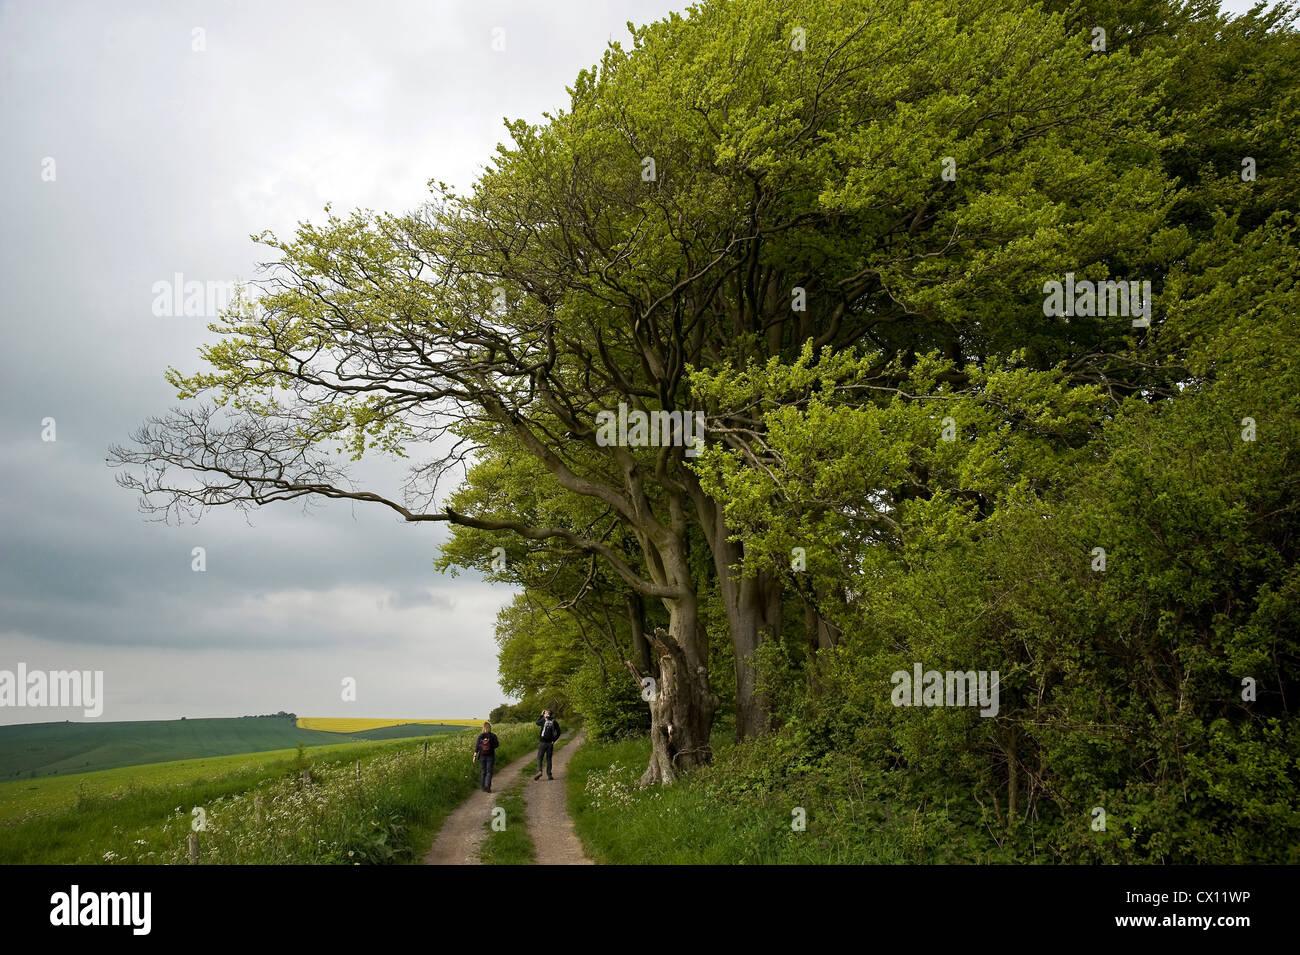 Les hêtres antiques sur le chemin d'interurbains Ridgeway près de Liddington Hill, Wiltshire, Royaume-Uni Banque D'Images